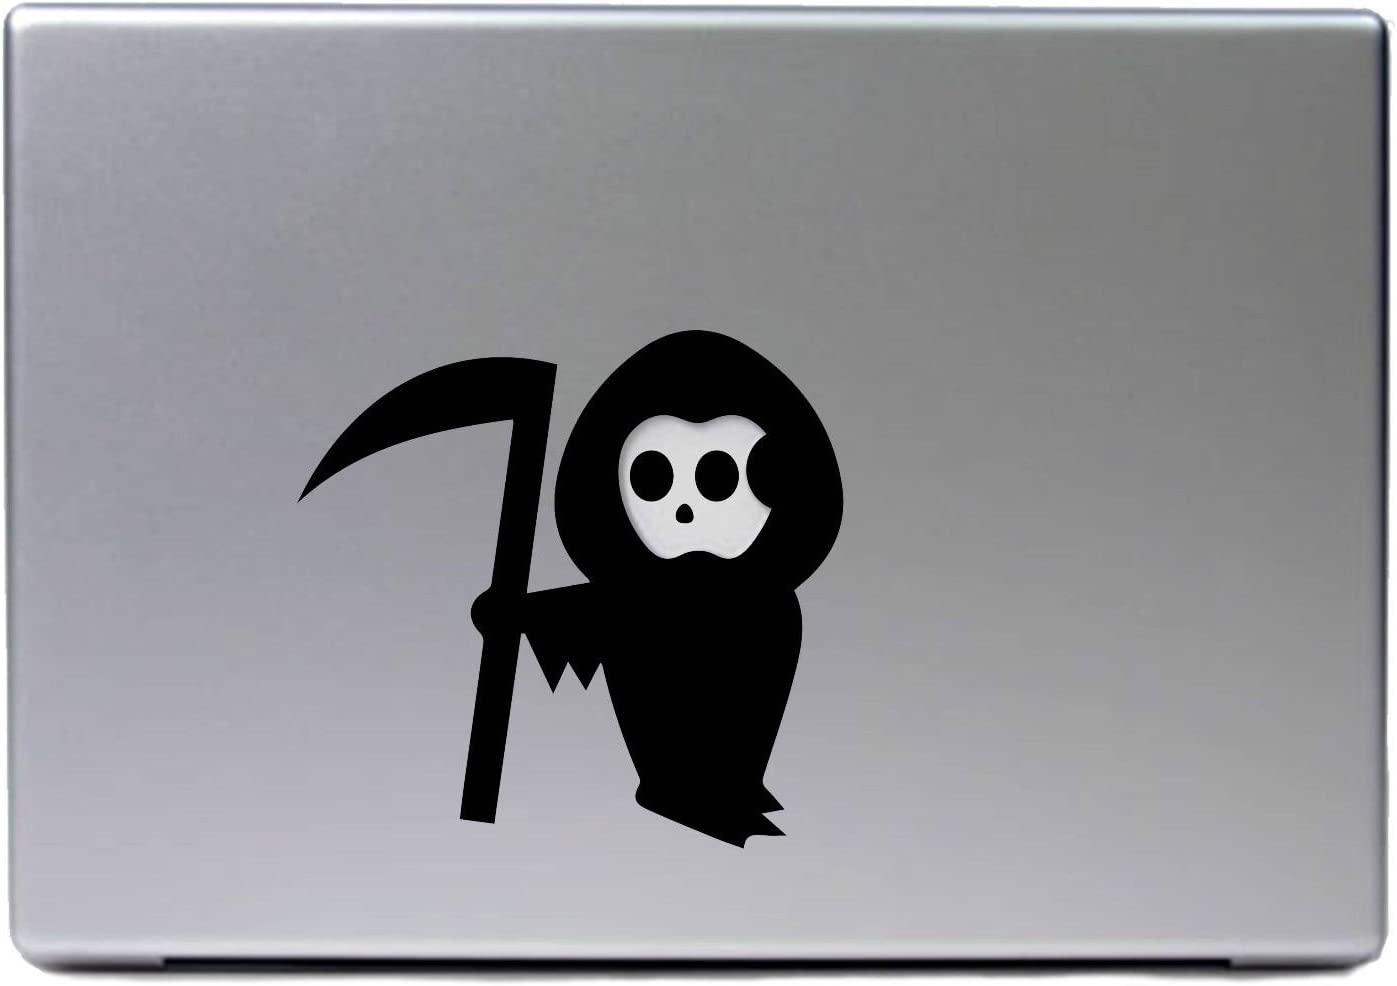 Hellweg Druckerei Decal In Deiner Wunschfarbe Macbook Air Pro 13 Sensenmann Tod Tot Death 13 5x13